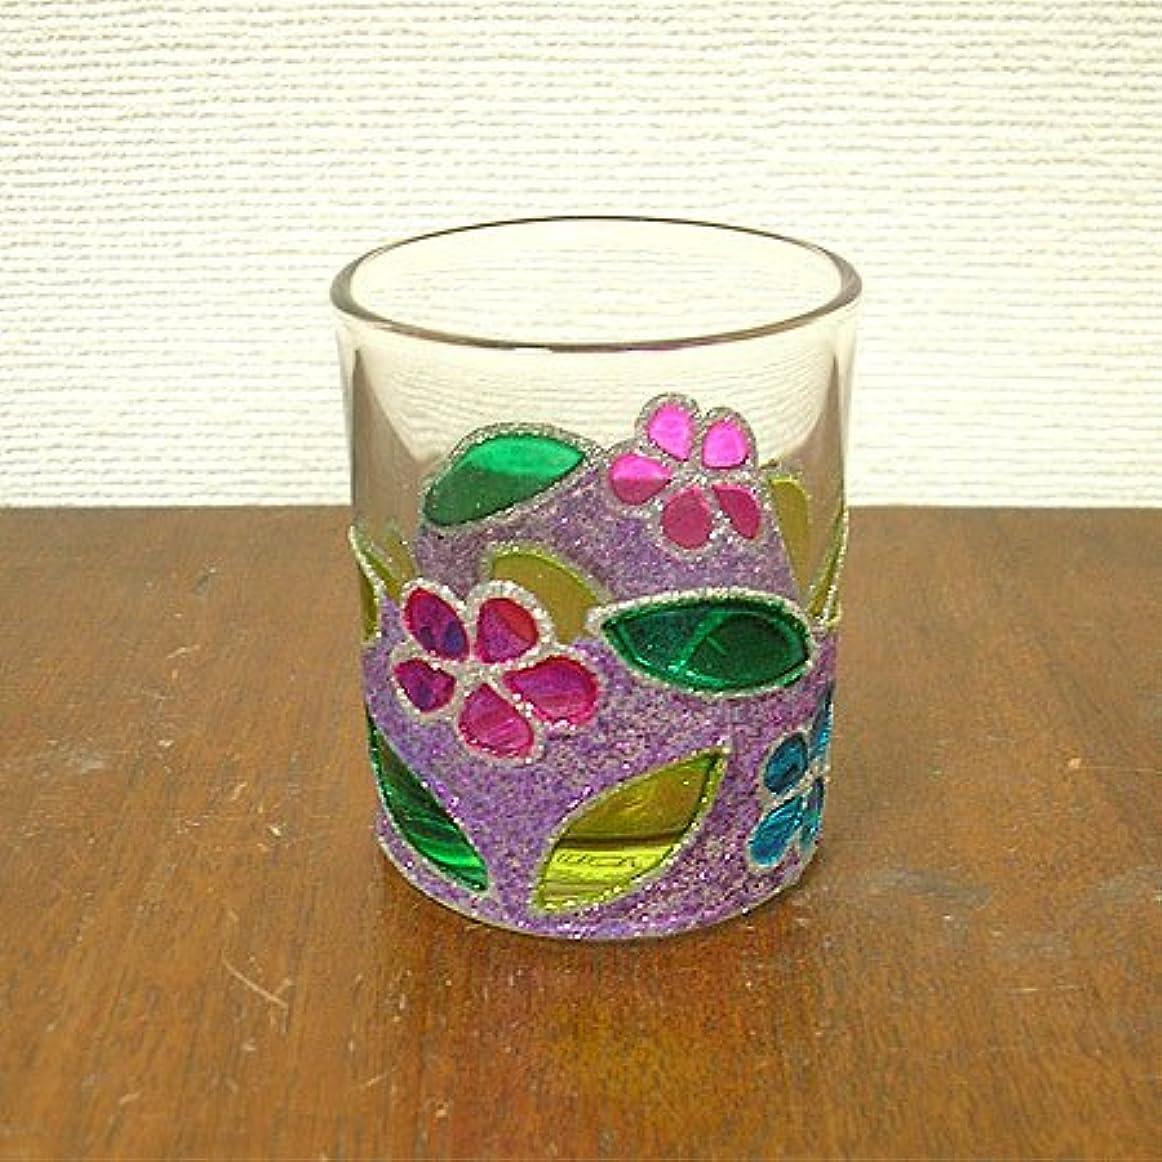 偏見つまずくランチアジアン キャンドルホルダー カップ グラス 花柄 パープル アジアン雑貨